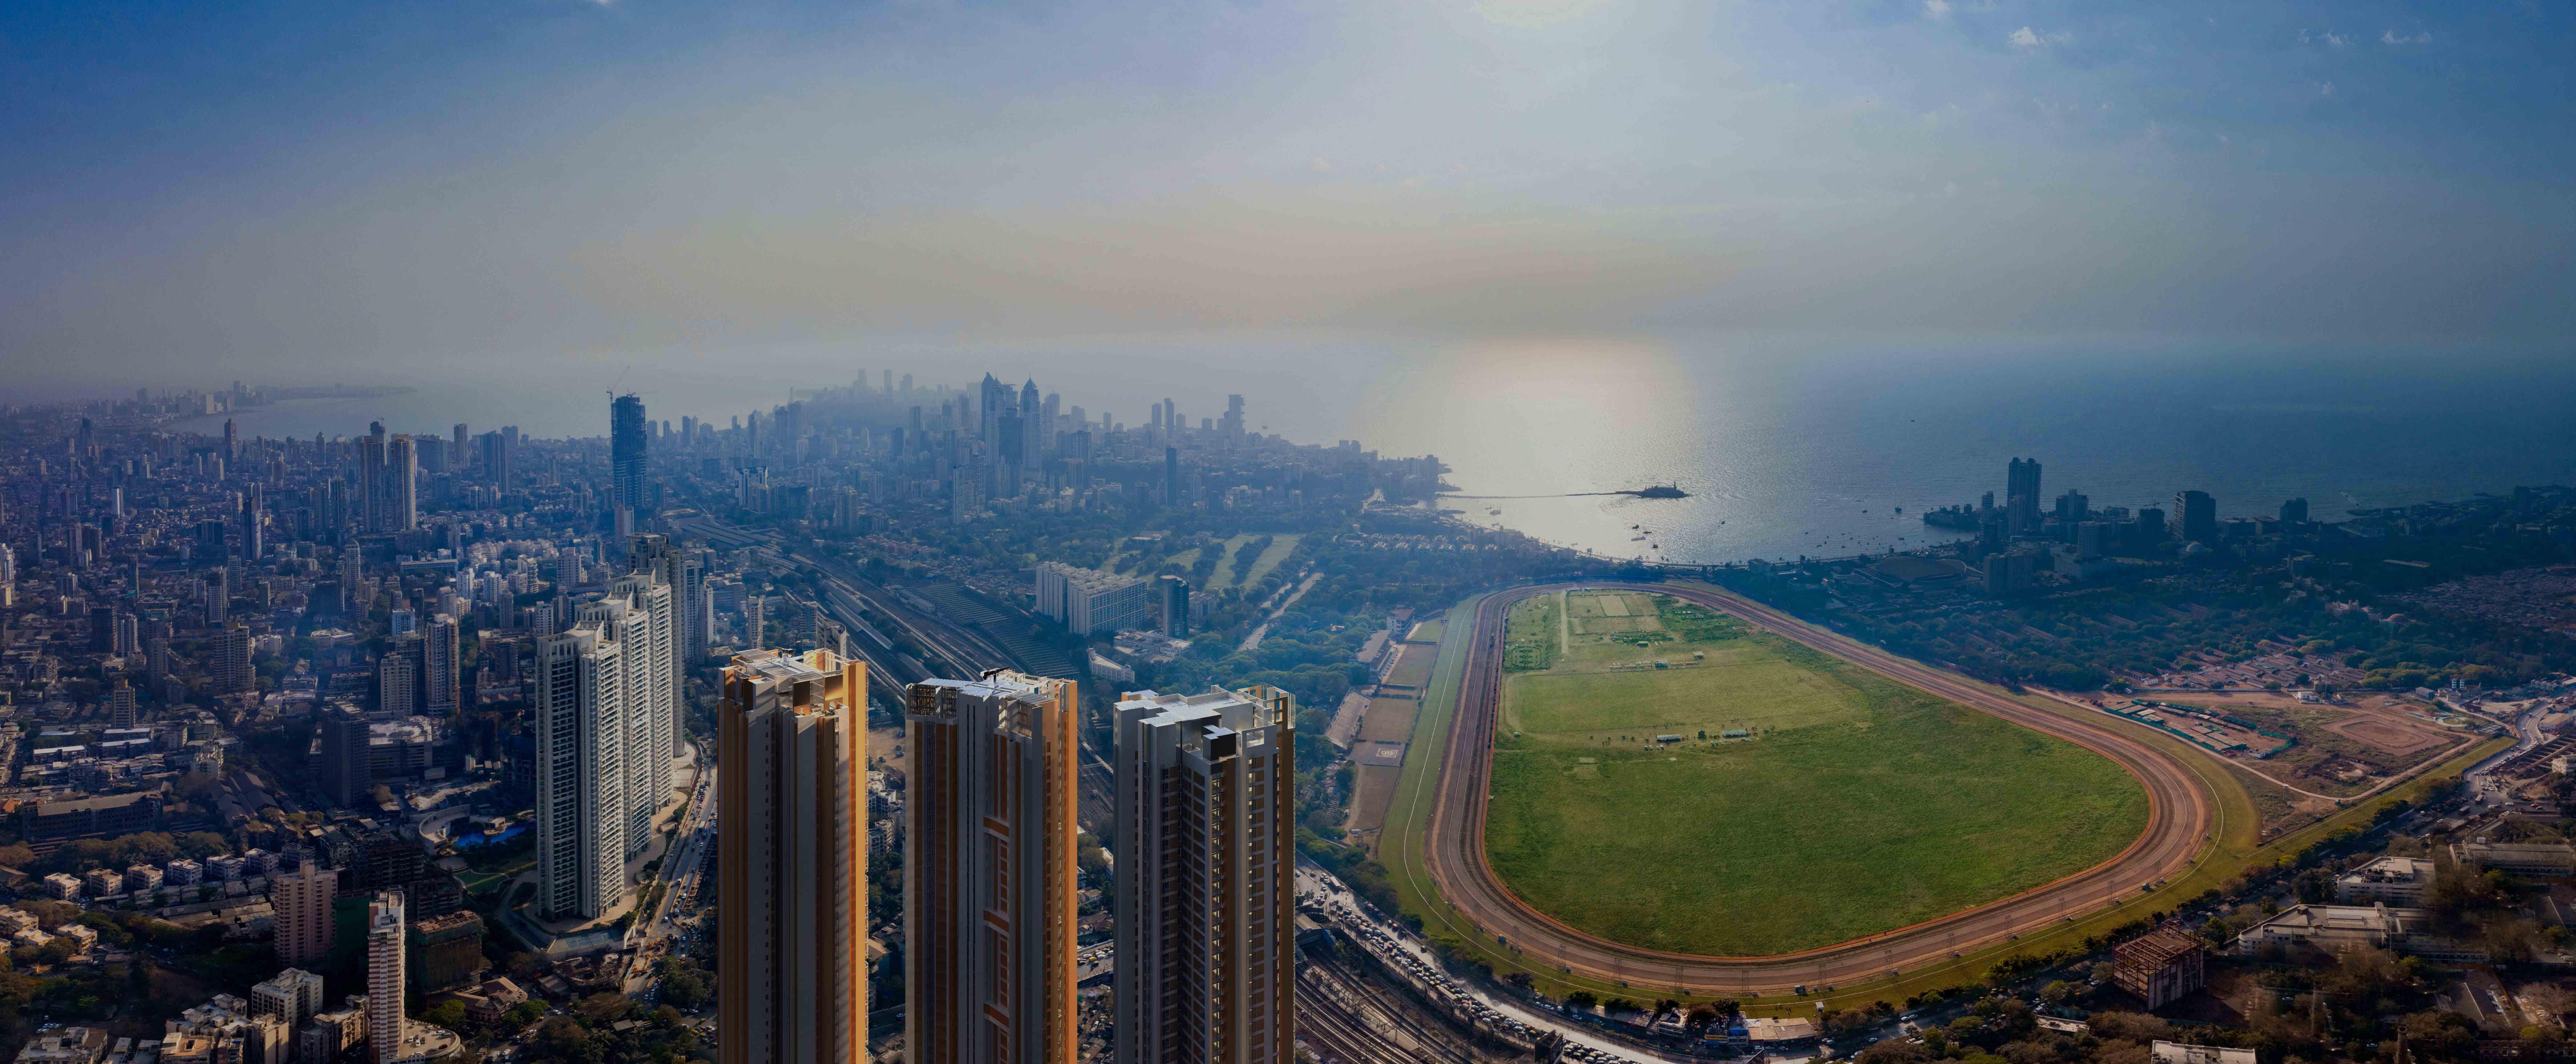 south mumbai piramal mahalaxmi view